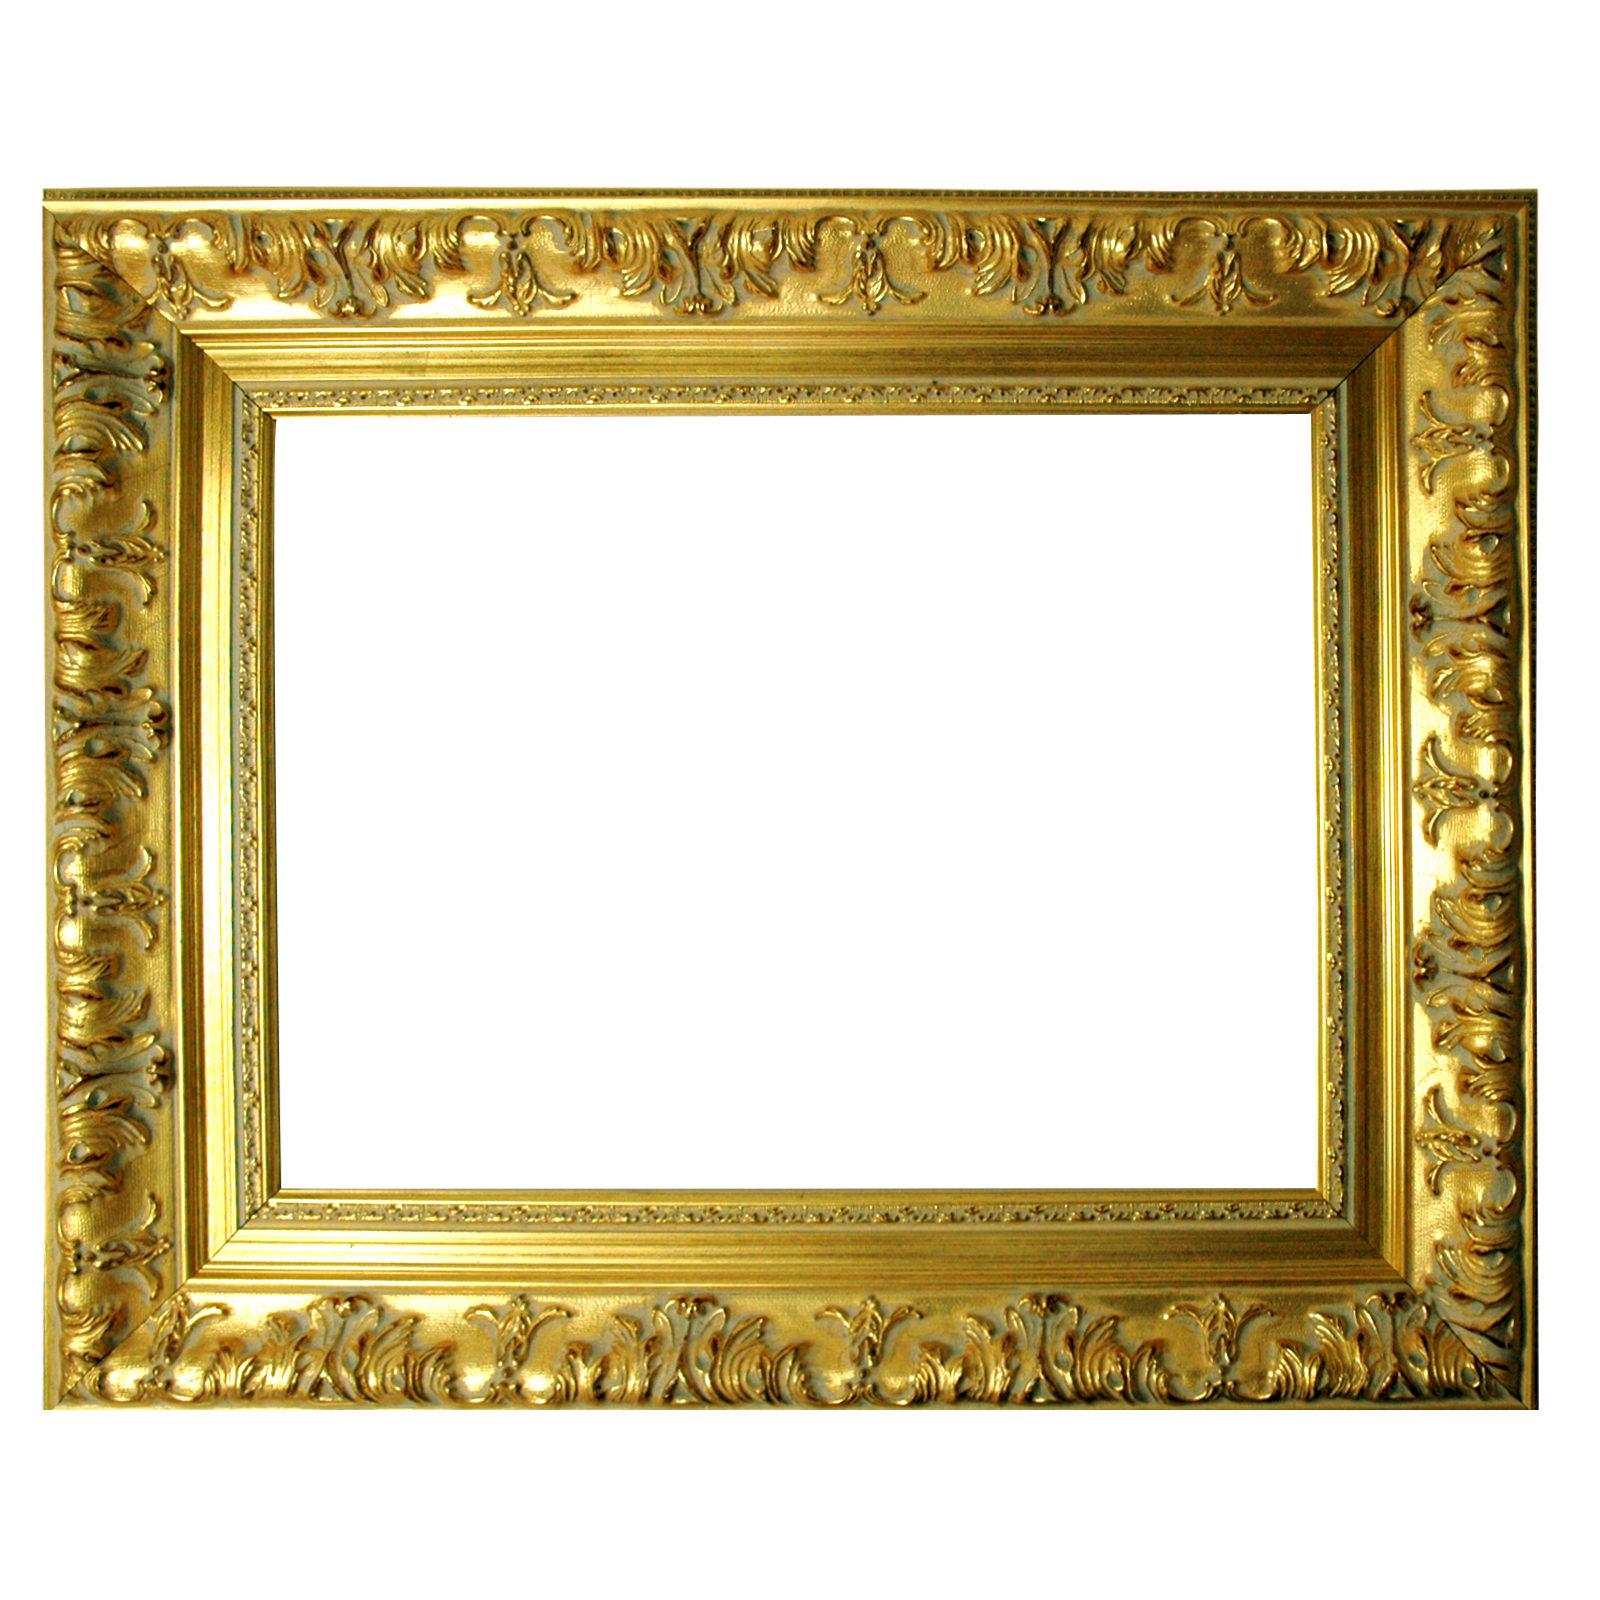 Barockrahmen gold fein verziert 979 ORO, verschiedene Varianten | eBay